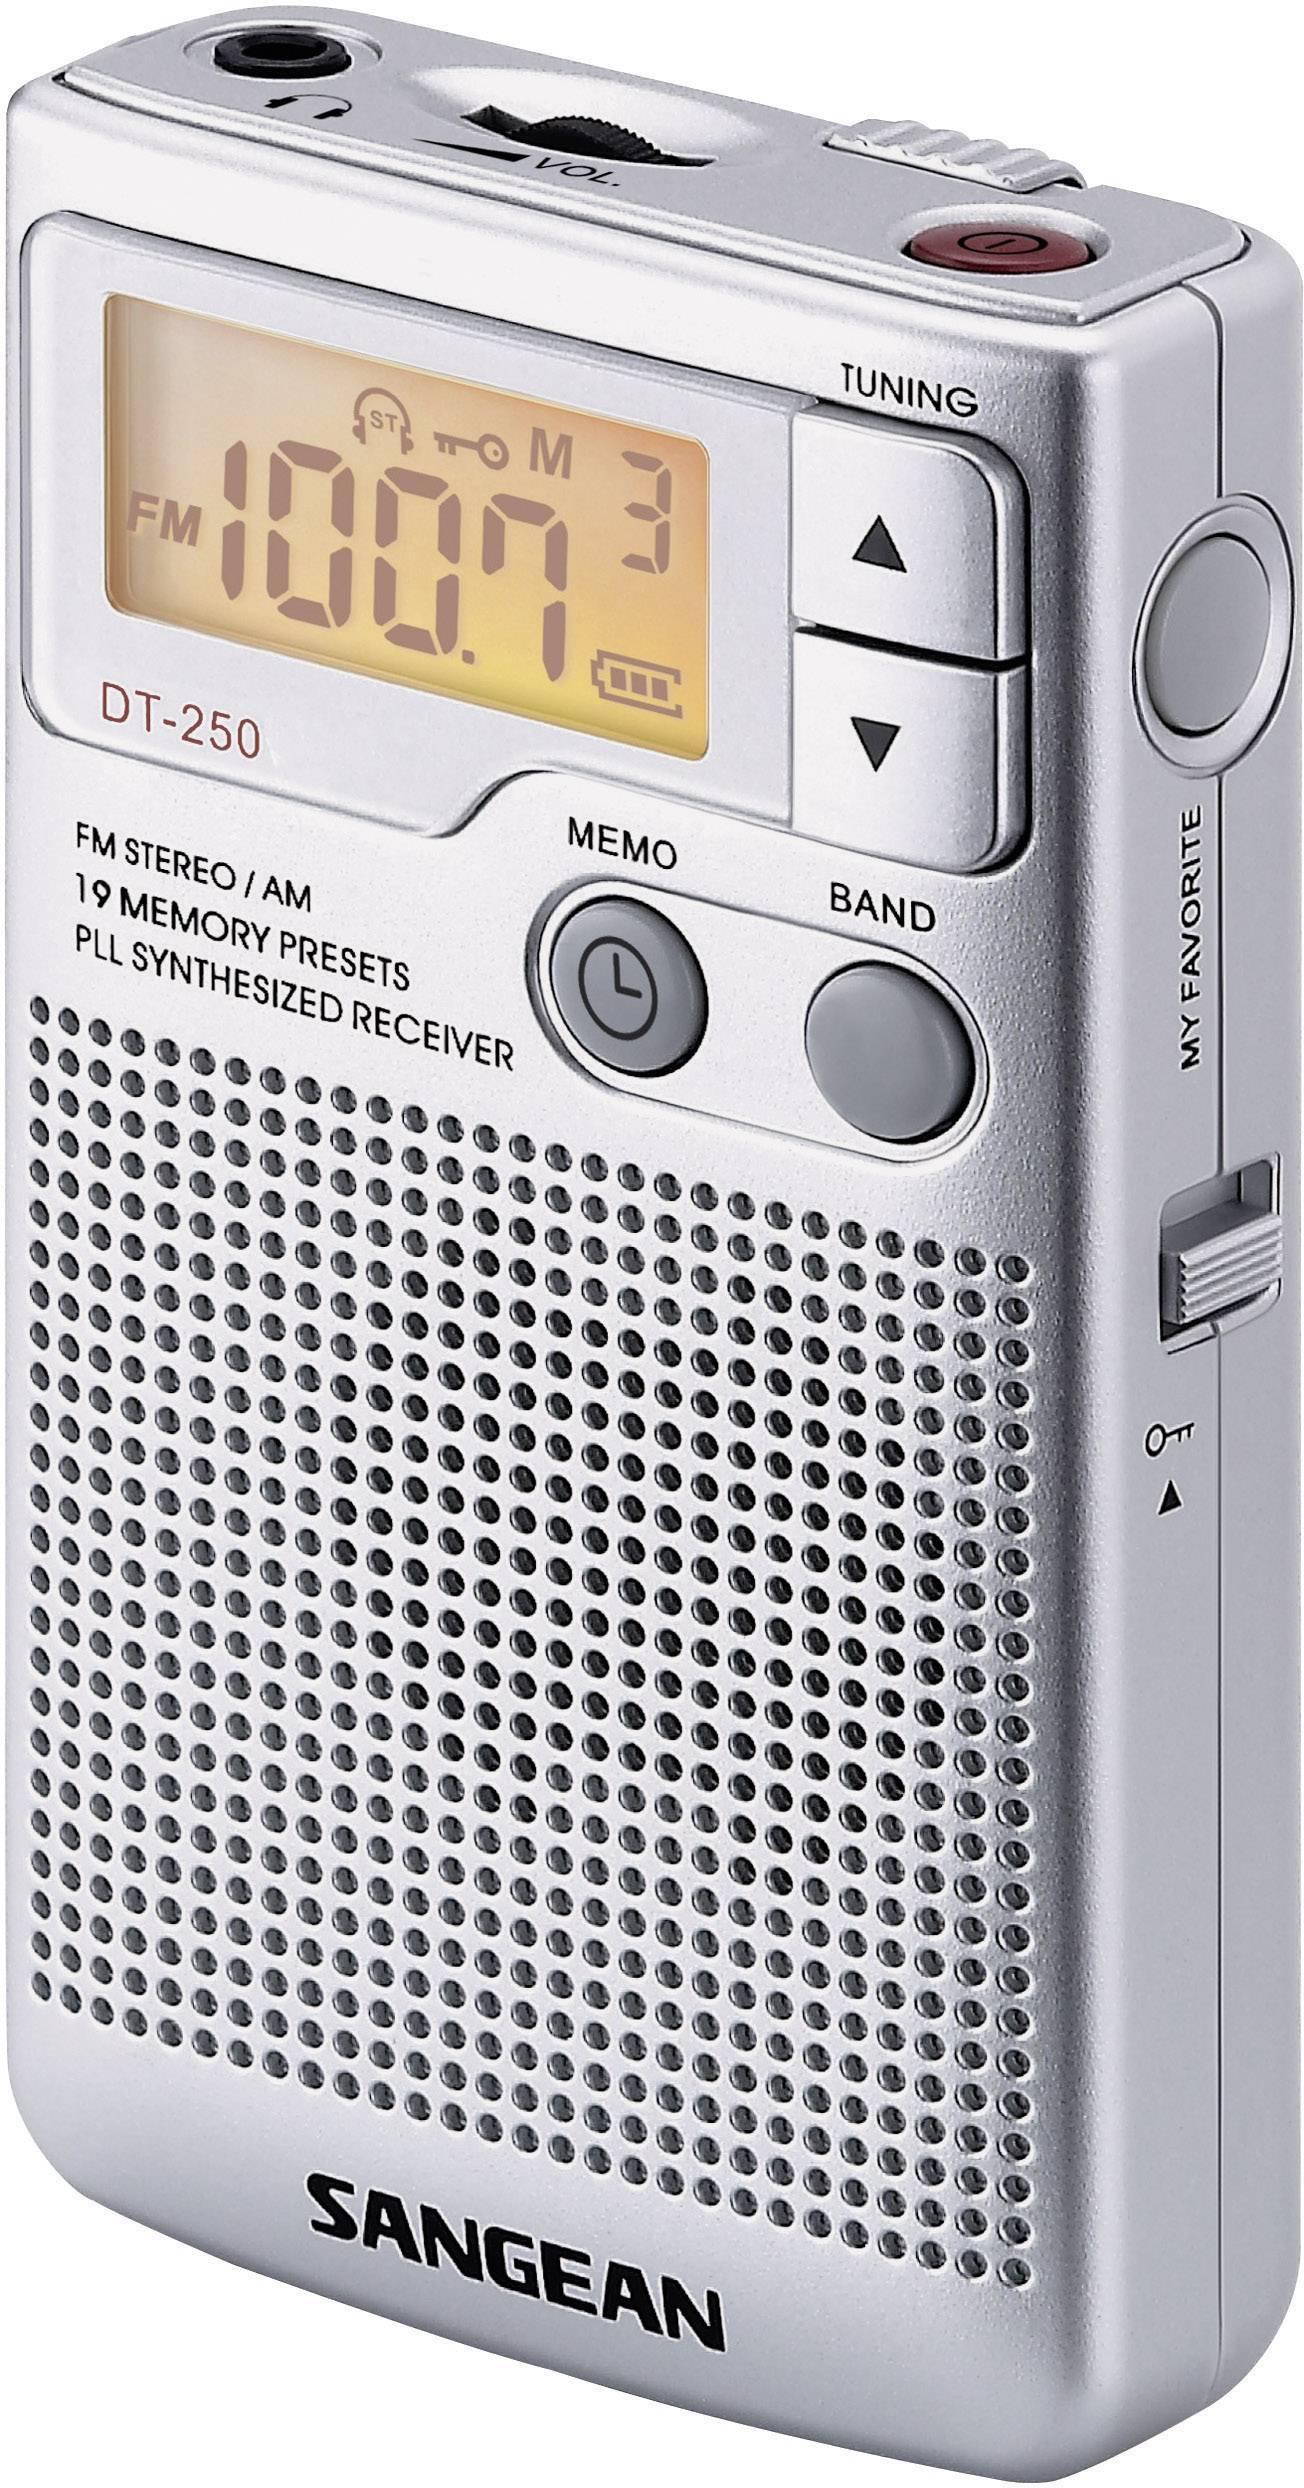 FM vreckové rádio Sangean Pocket 250, MW, UKW, strieborná